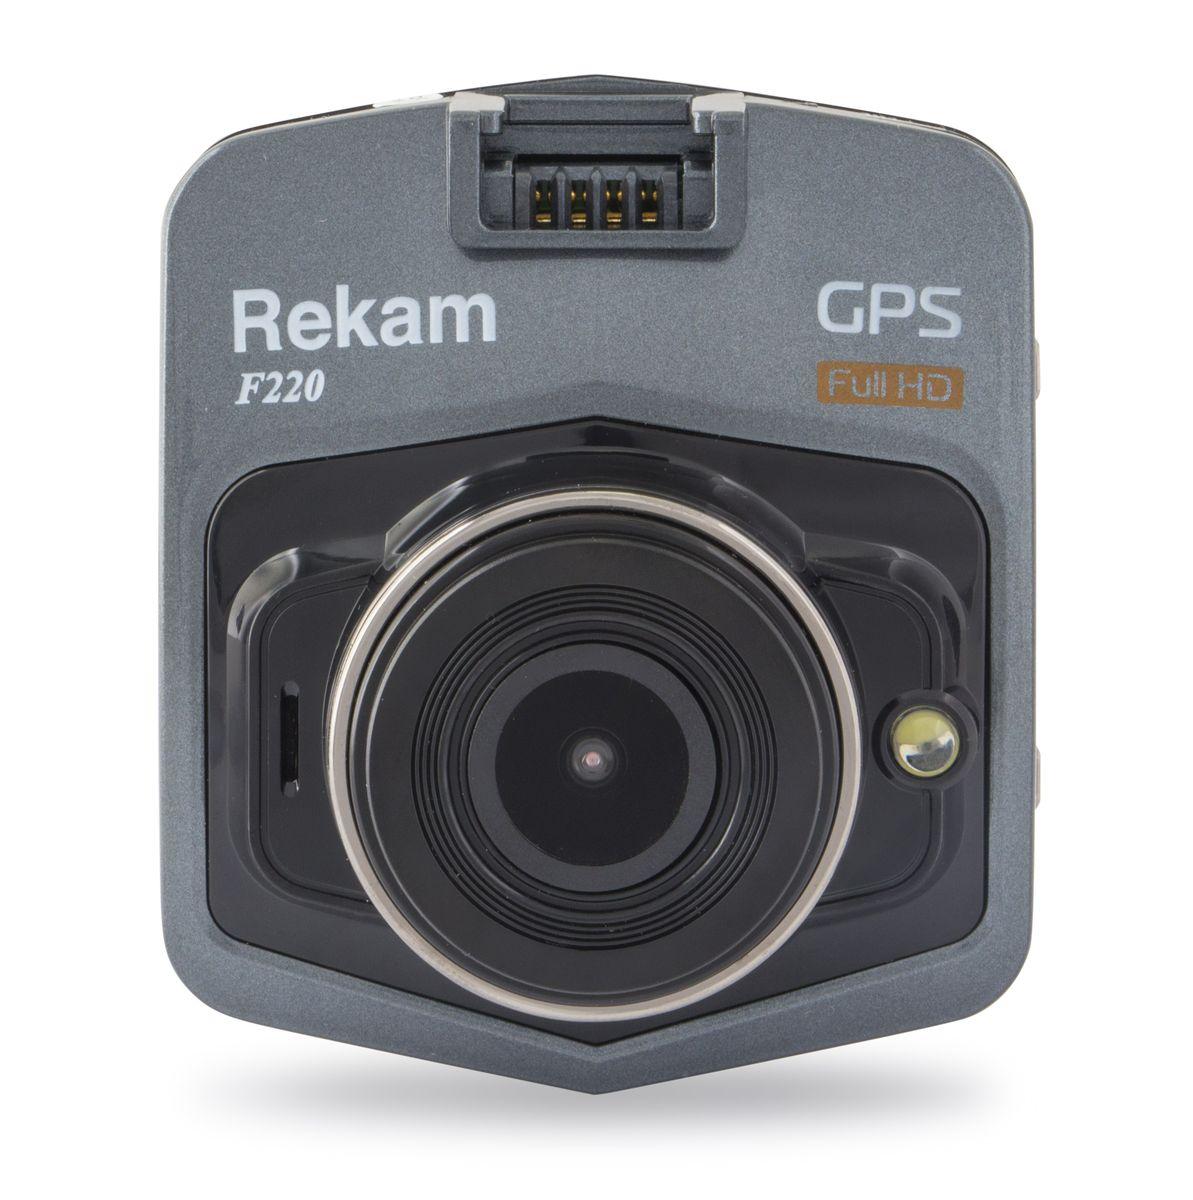 Rekam F220, Black автомобильный видеорегистратор2603000003Rekam F220 является высокопроизводительным автомобильным видеорегистратором, способным вести запись дорожных событий в формате Full HD (1920x1080).Камера имеет 2-мегапиксельный CMOS-сенсор, объектив с четырёхслойными линзами (4G) и угол обзора 140°. Rekam F220 оснащен GPS-приёмником, интегрированным в автомобильный держатель. Способен записывать и отображать на 2.4 – дюймовом ЖК-дисплее информацию о скорости и координатах, а также дату и время. Предусмотрена возможность сделать не просто отдельное фото, но и серию снимков с разрешением до 5 Мп. Видеорегистратор оборудован 3-х осевым датчиком ускорения и датчиком движения. В корпус встроены: динамик, микрофон и Li-polimer аккумулятор, ёмкостью 140 мАч.